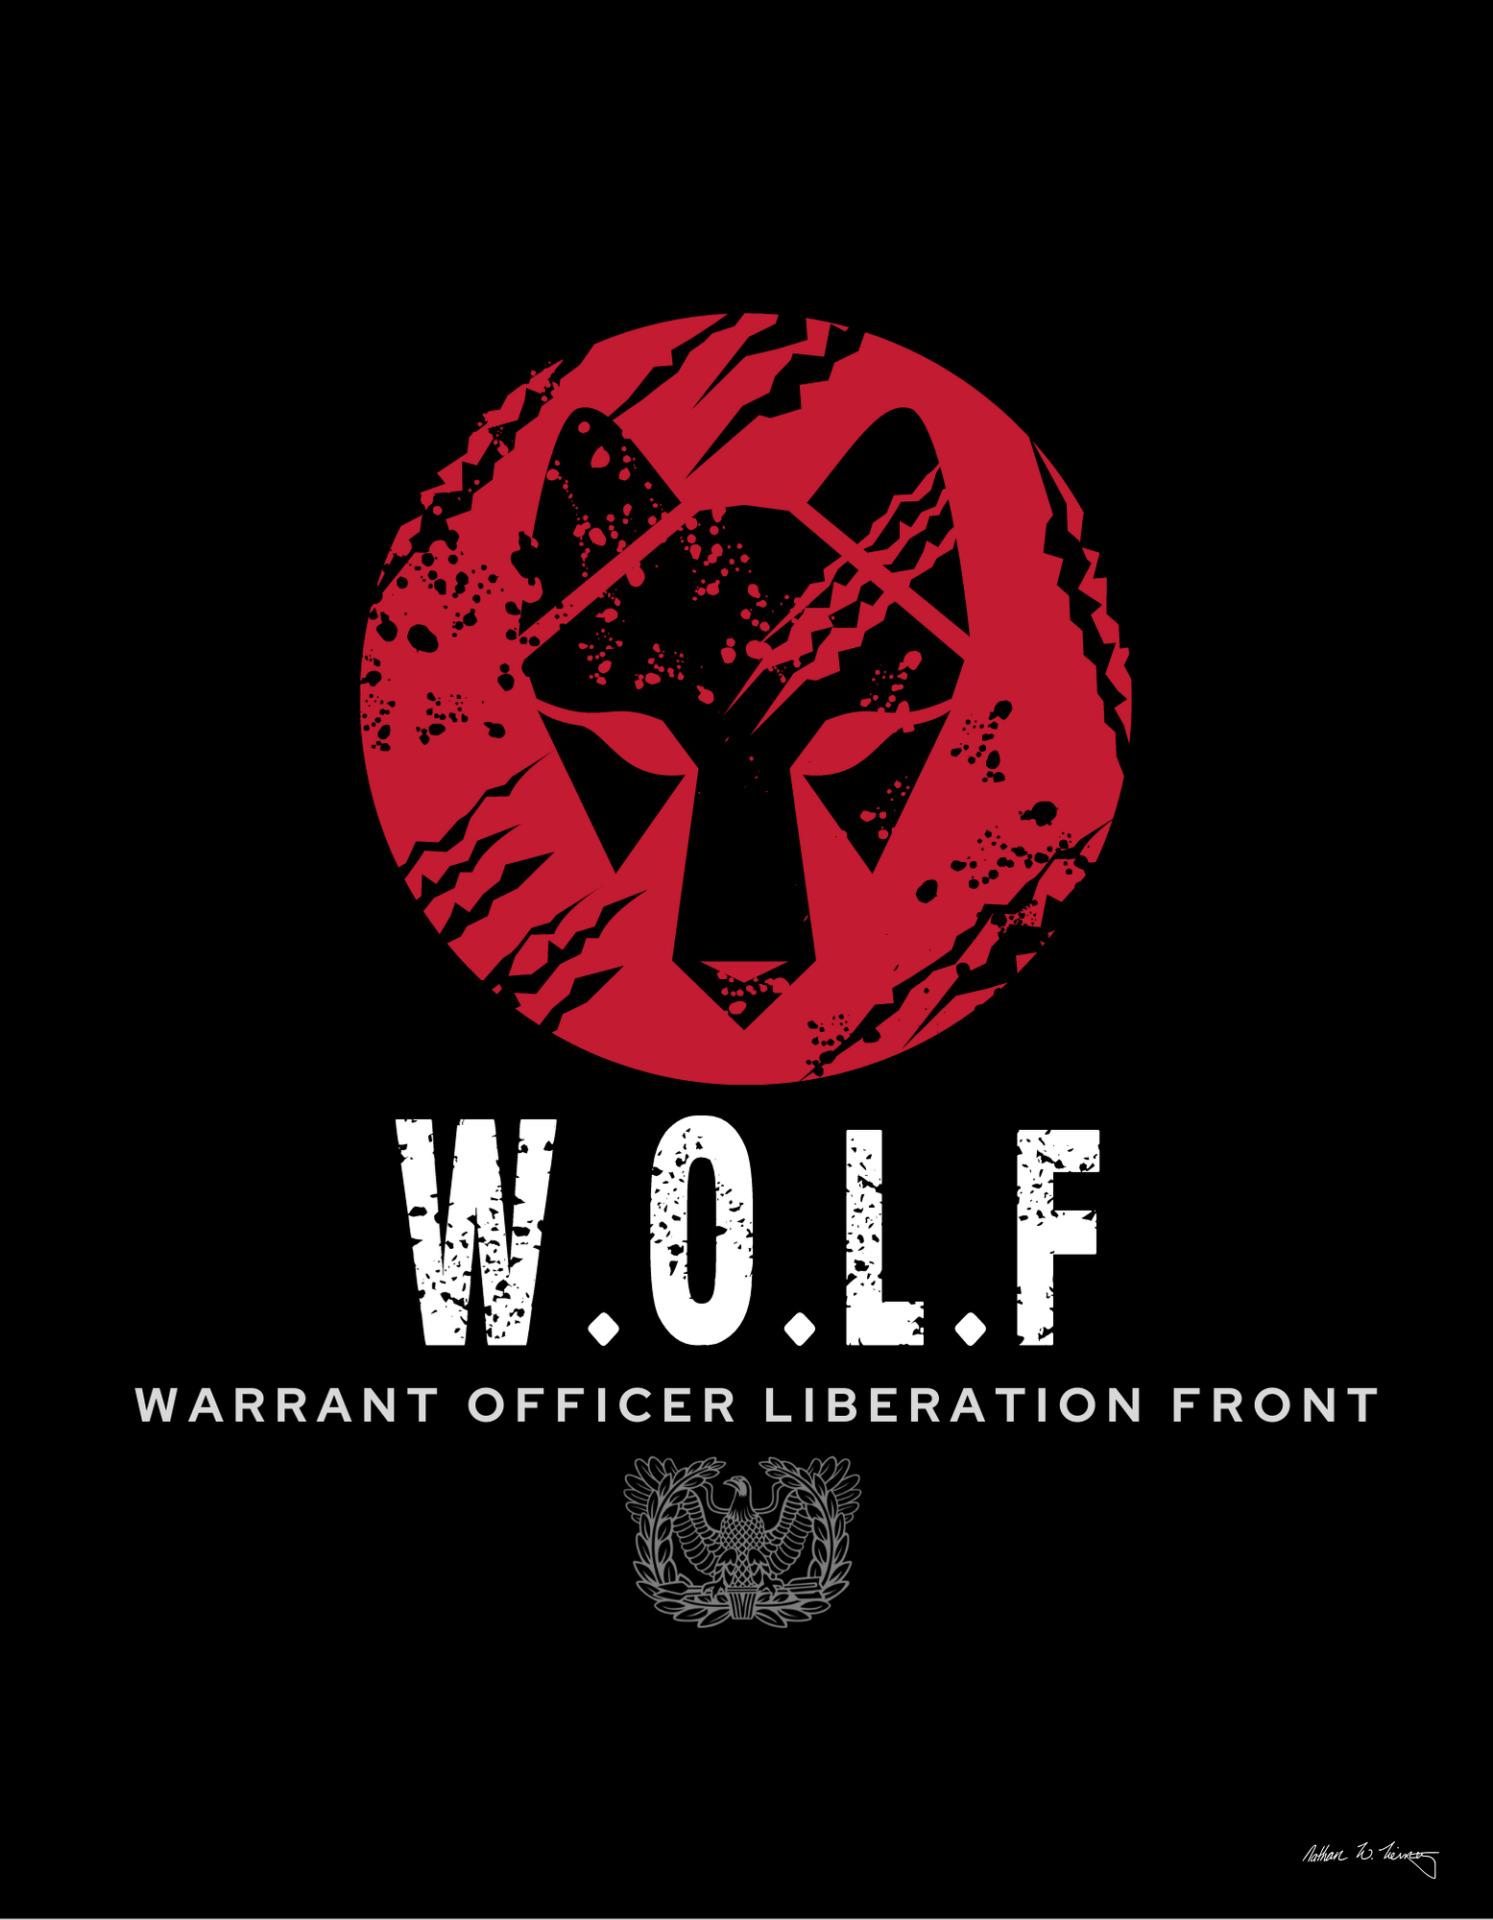 Warrant Officer Liberation Front logo design 1